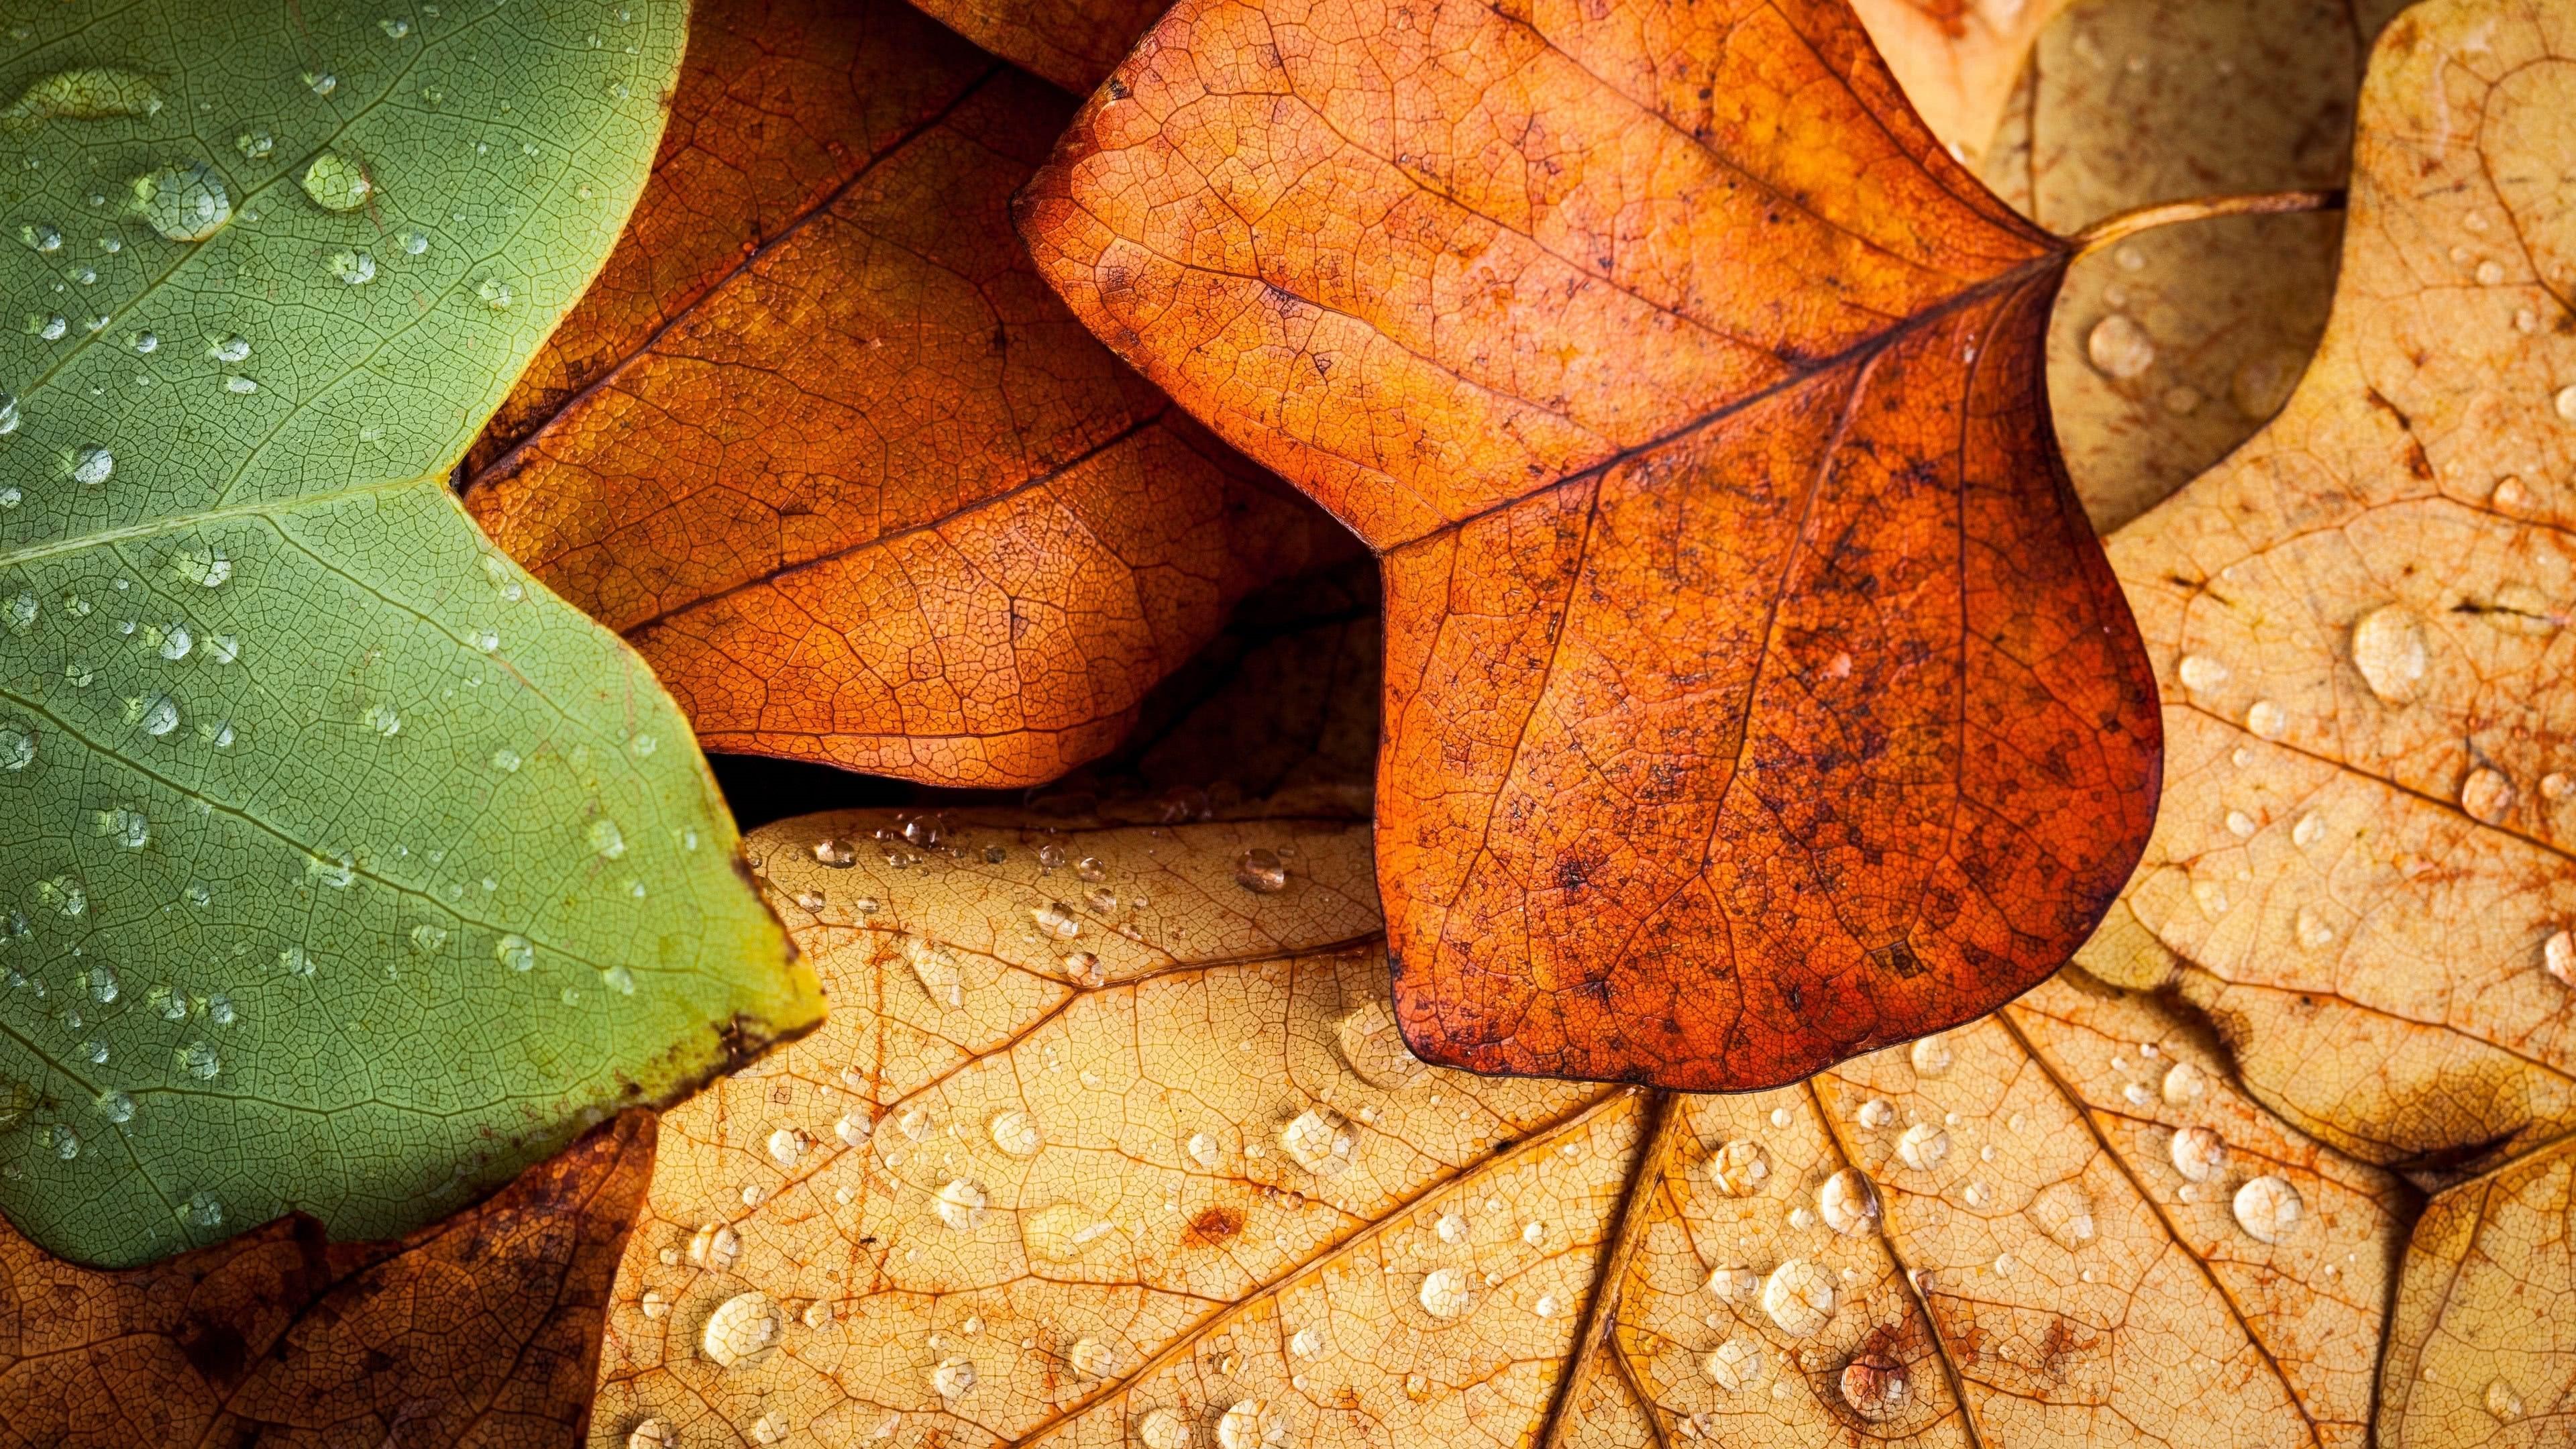 autumn leaves uhd 4k wallpaper